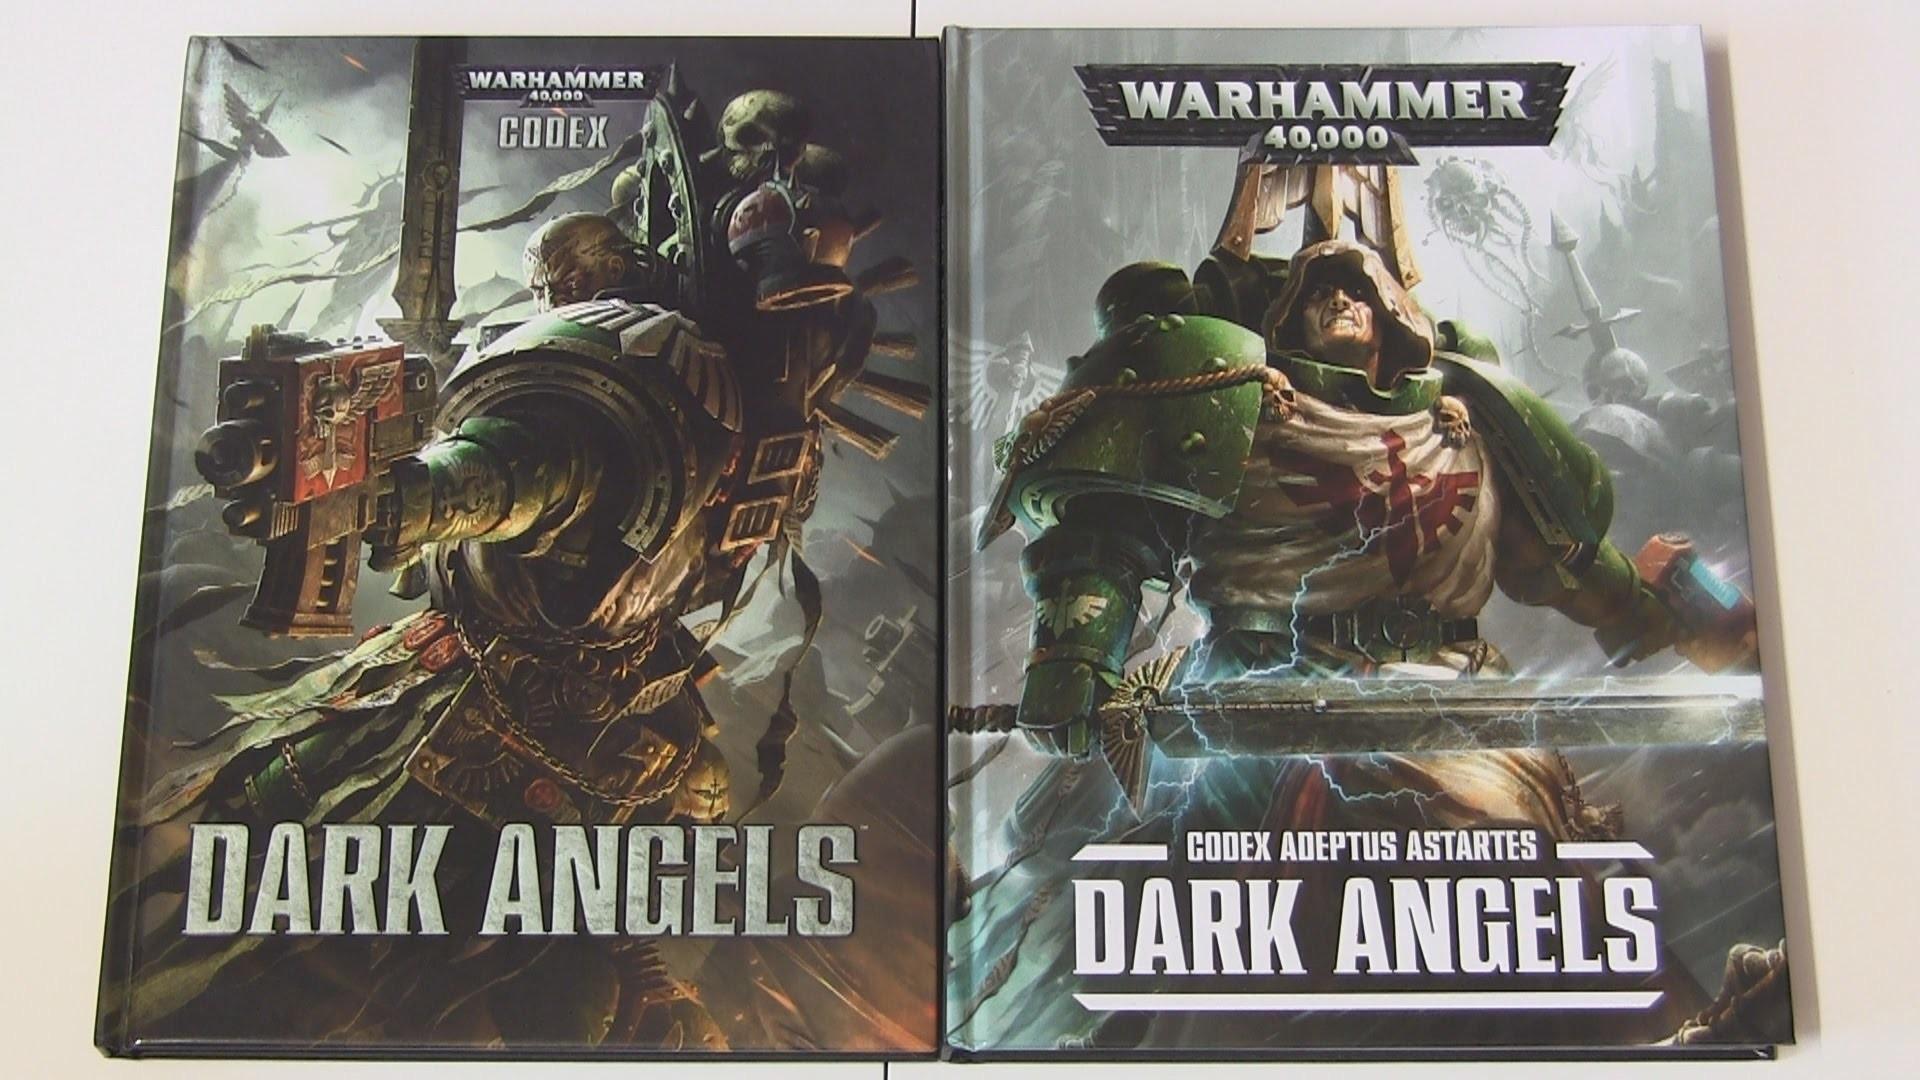 New Dark Angels Codex (Warhammer 40,000) – Overview